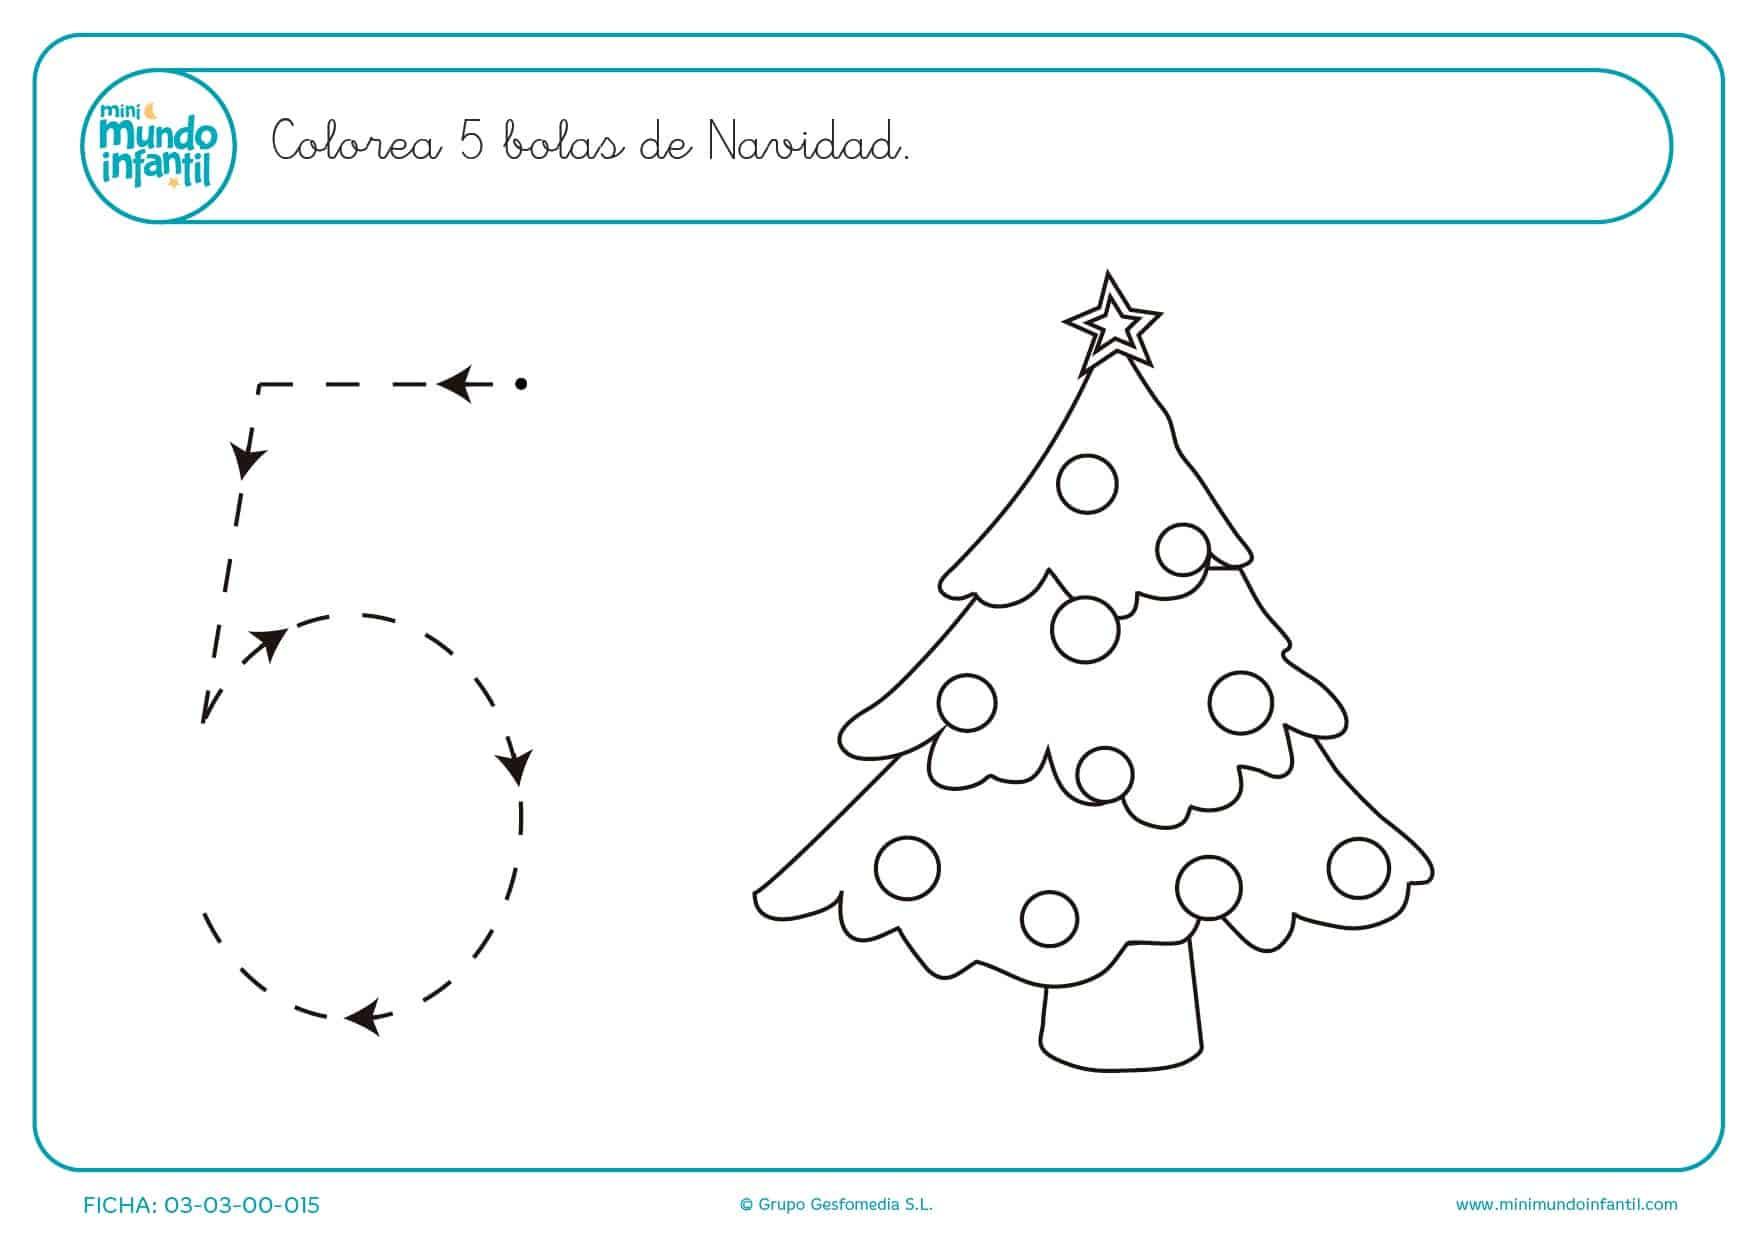 Continuar el trazado y colorear 5 bolas de Navidad